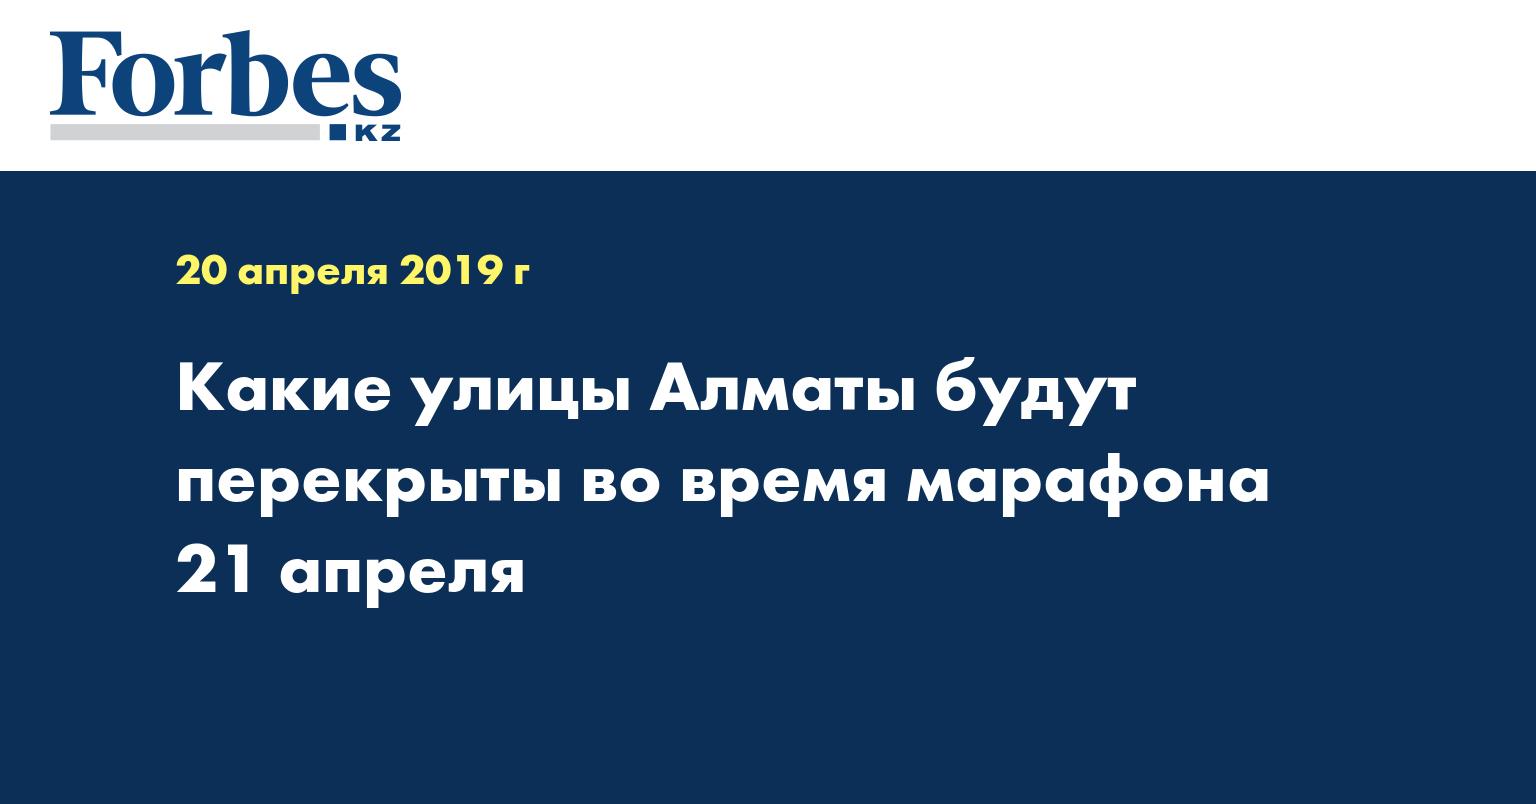 Какие улицы Алматы будут перекрыты во время марафона 21 апреля